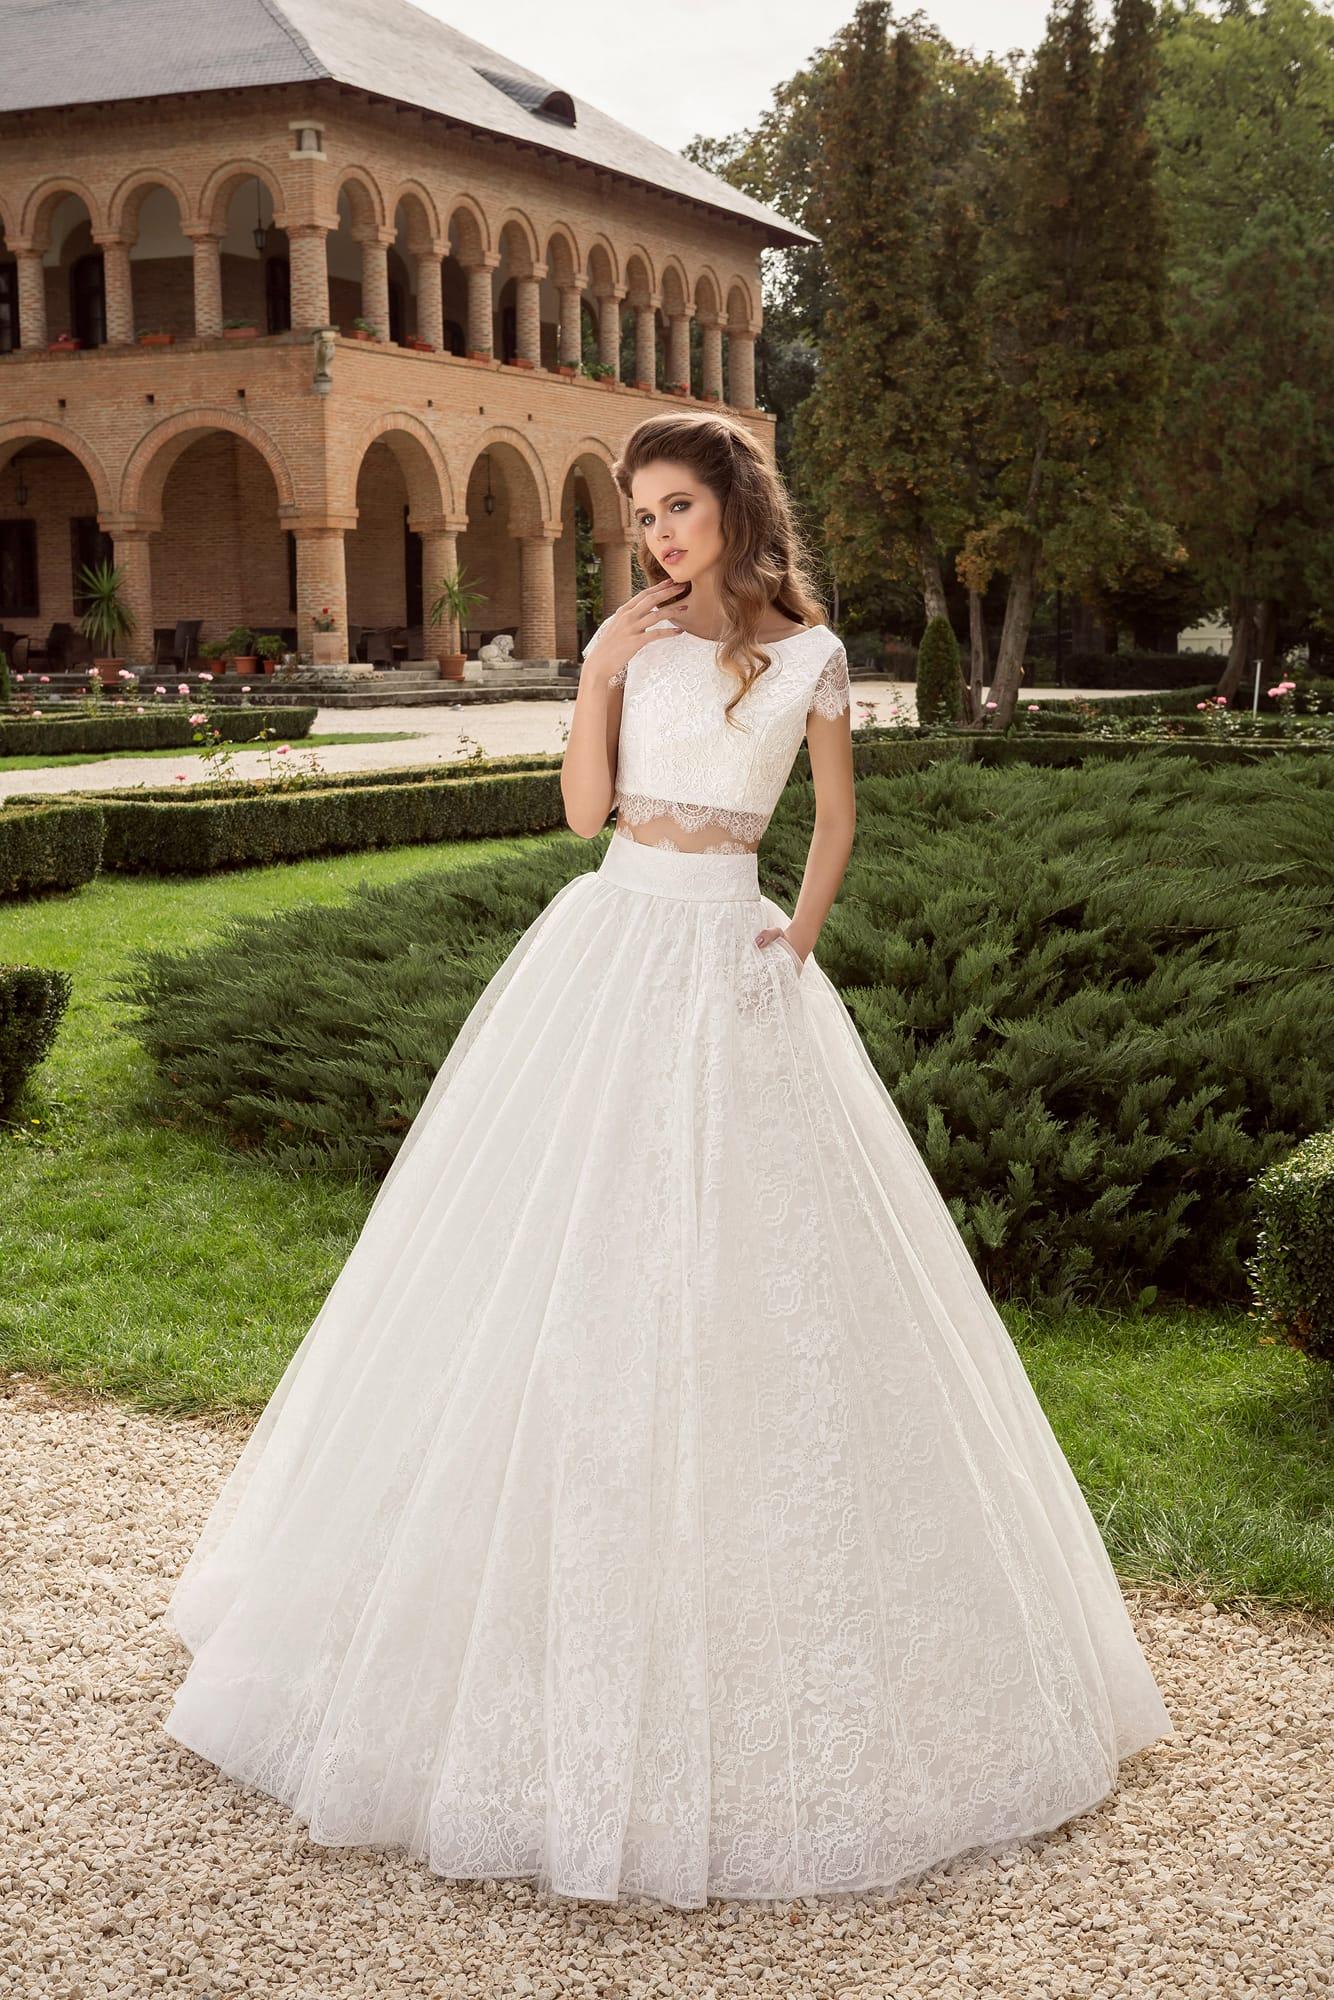 09c4b39fa890813 Свадебное платье силуэта «принцесса» с укороченным топом и короткими  рукавами.